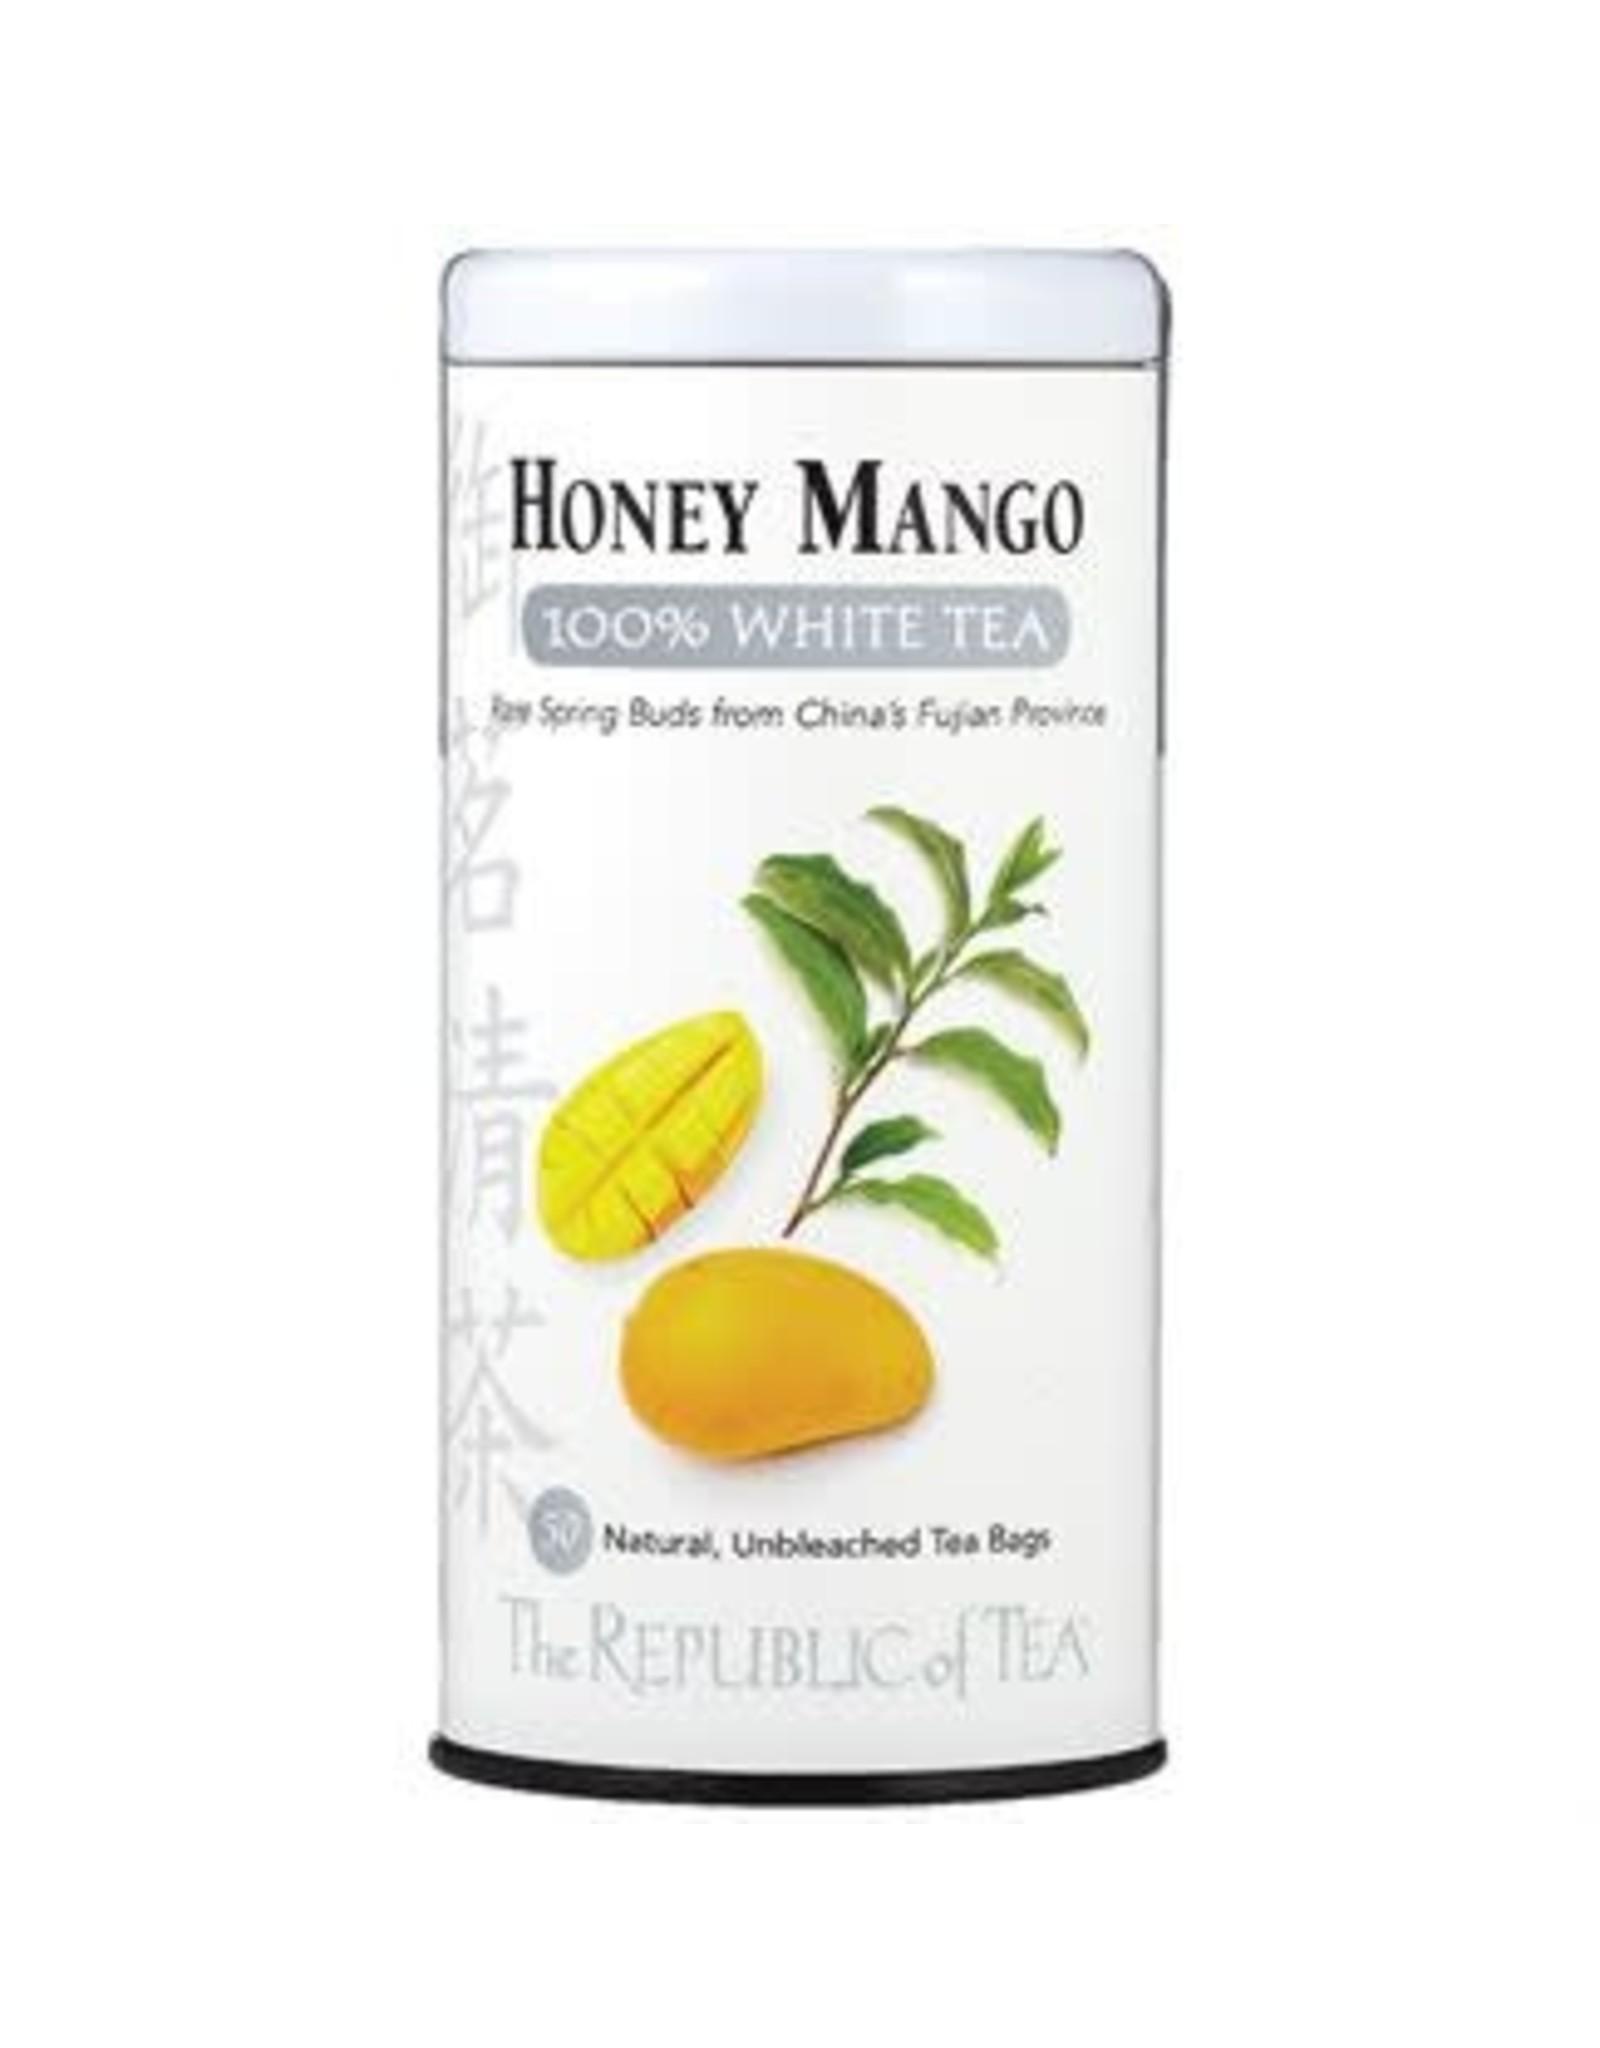 Republic of Tea HONEY MANGO WHITE TEA